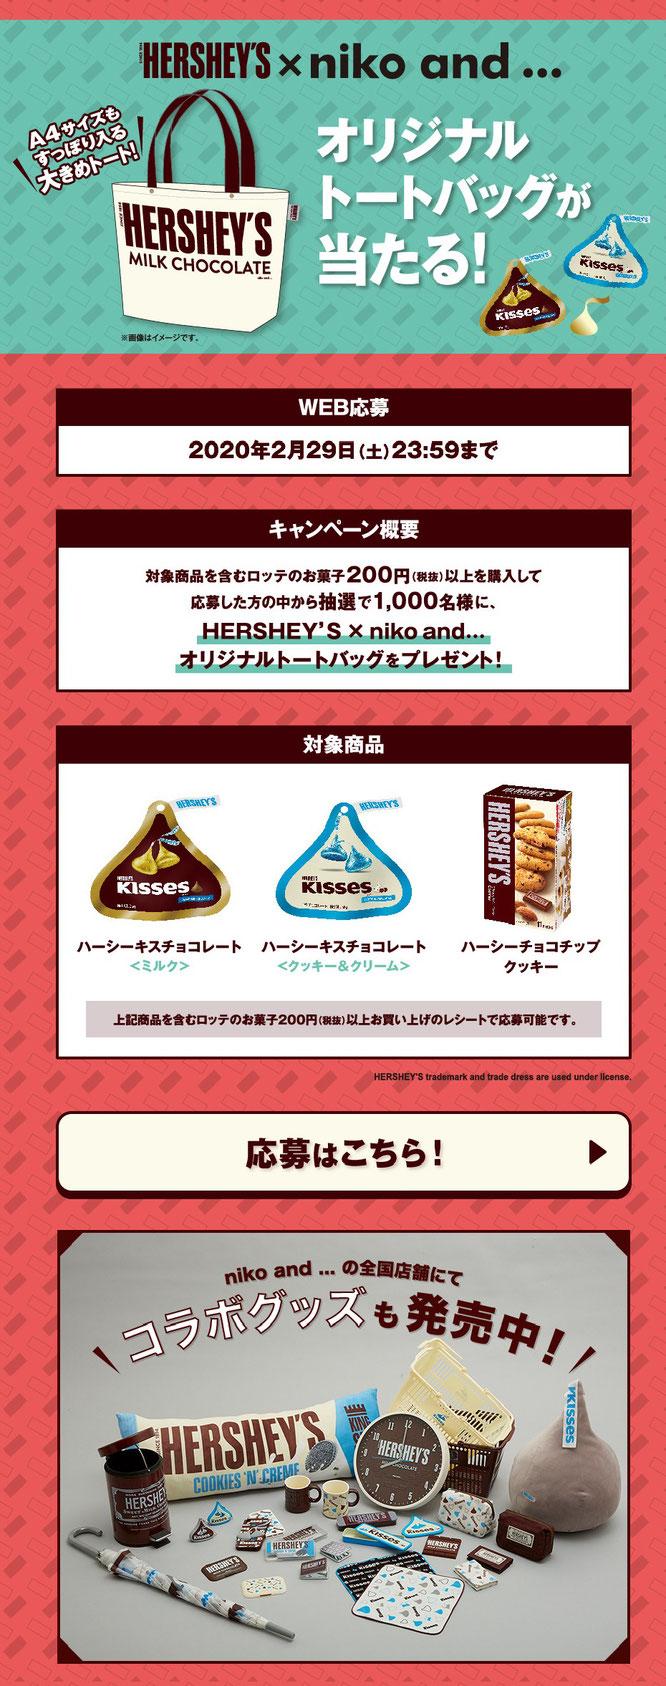 【ロッテ】HERSHEY'S niko and ... コラボトートバッグプレゼントキャンペーン